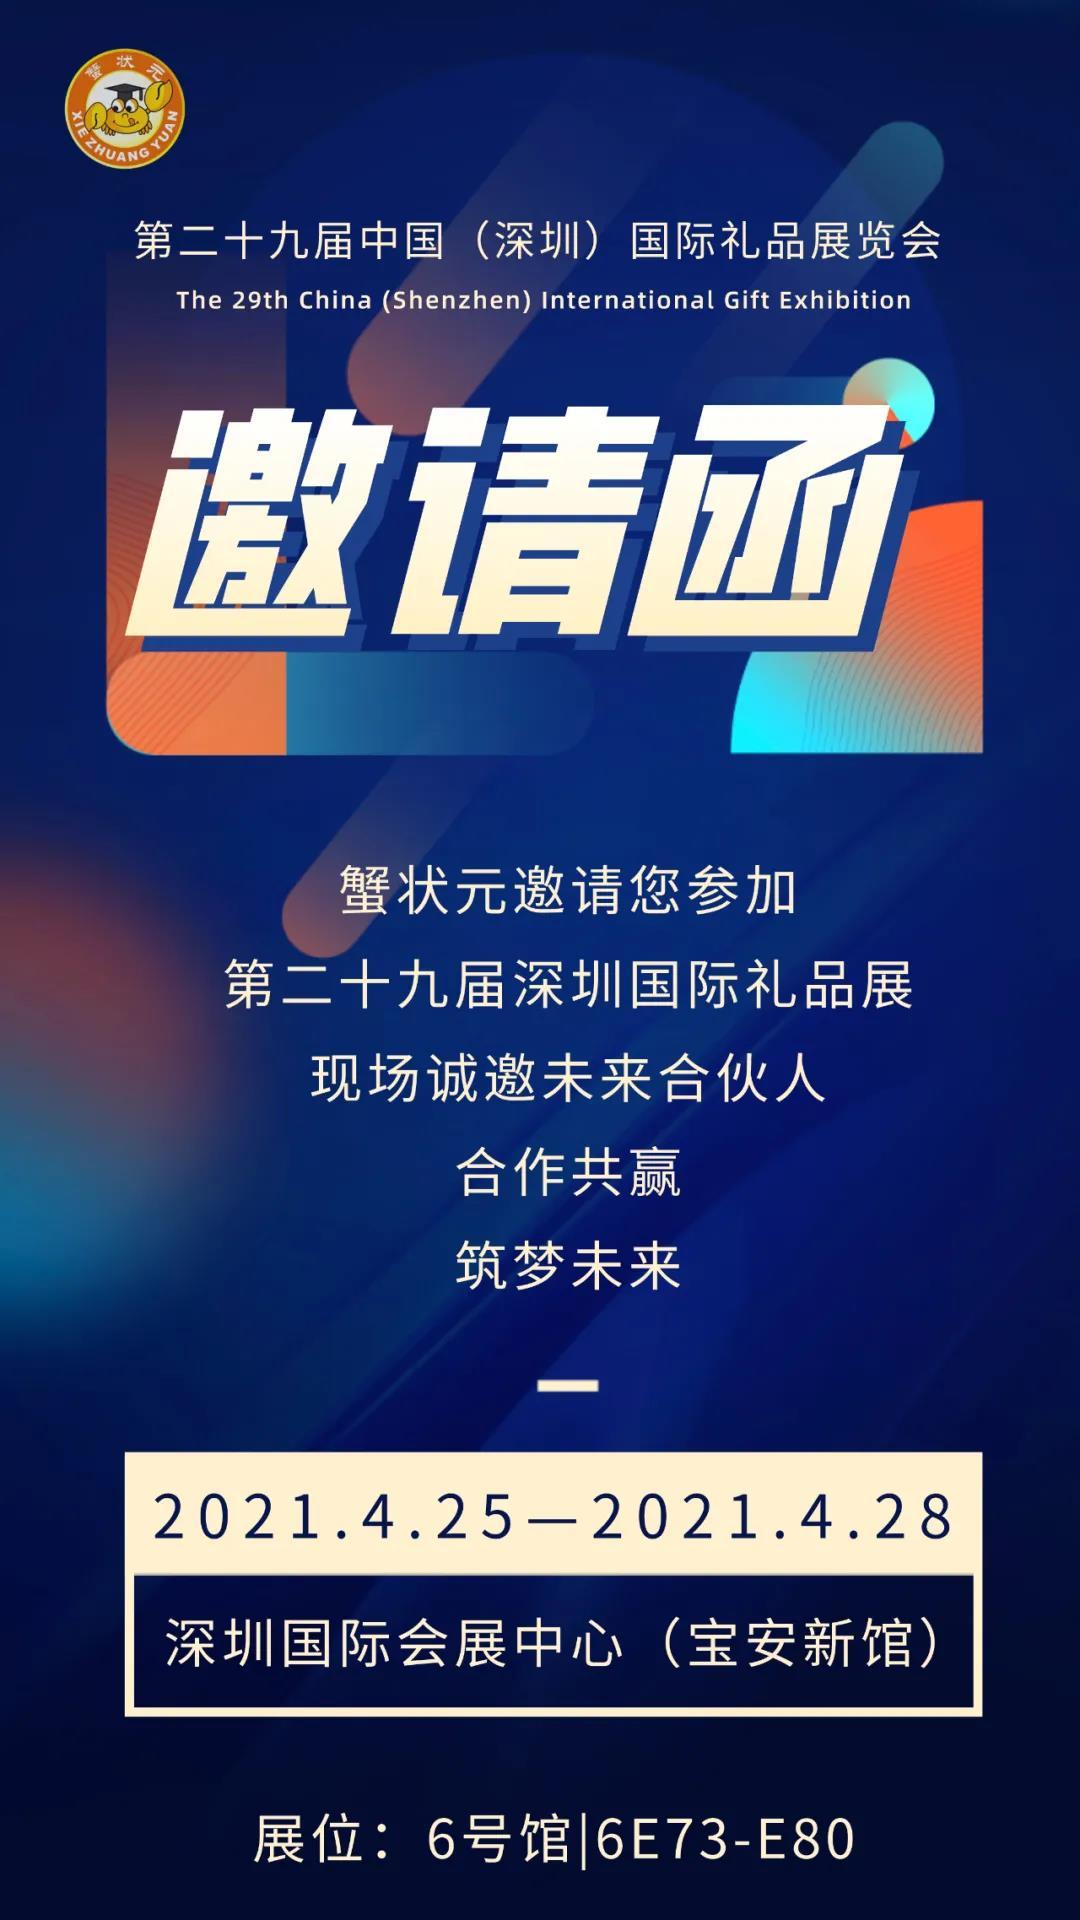 蟹状元第二十九届深圳国际礼品展会邀请函